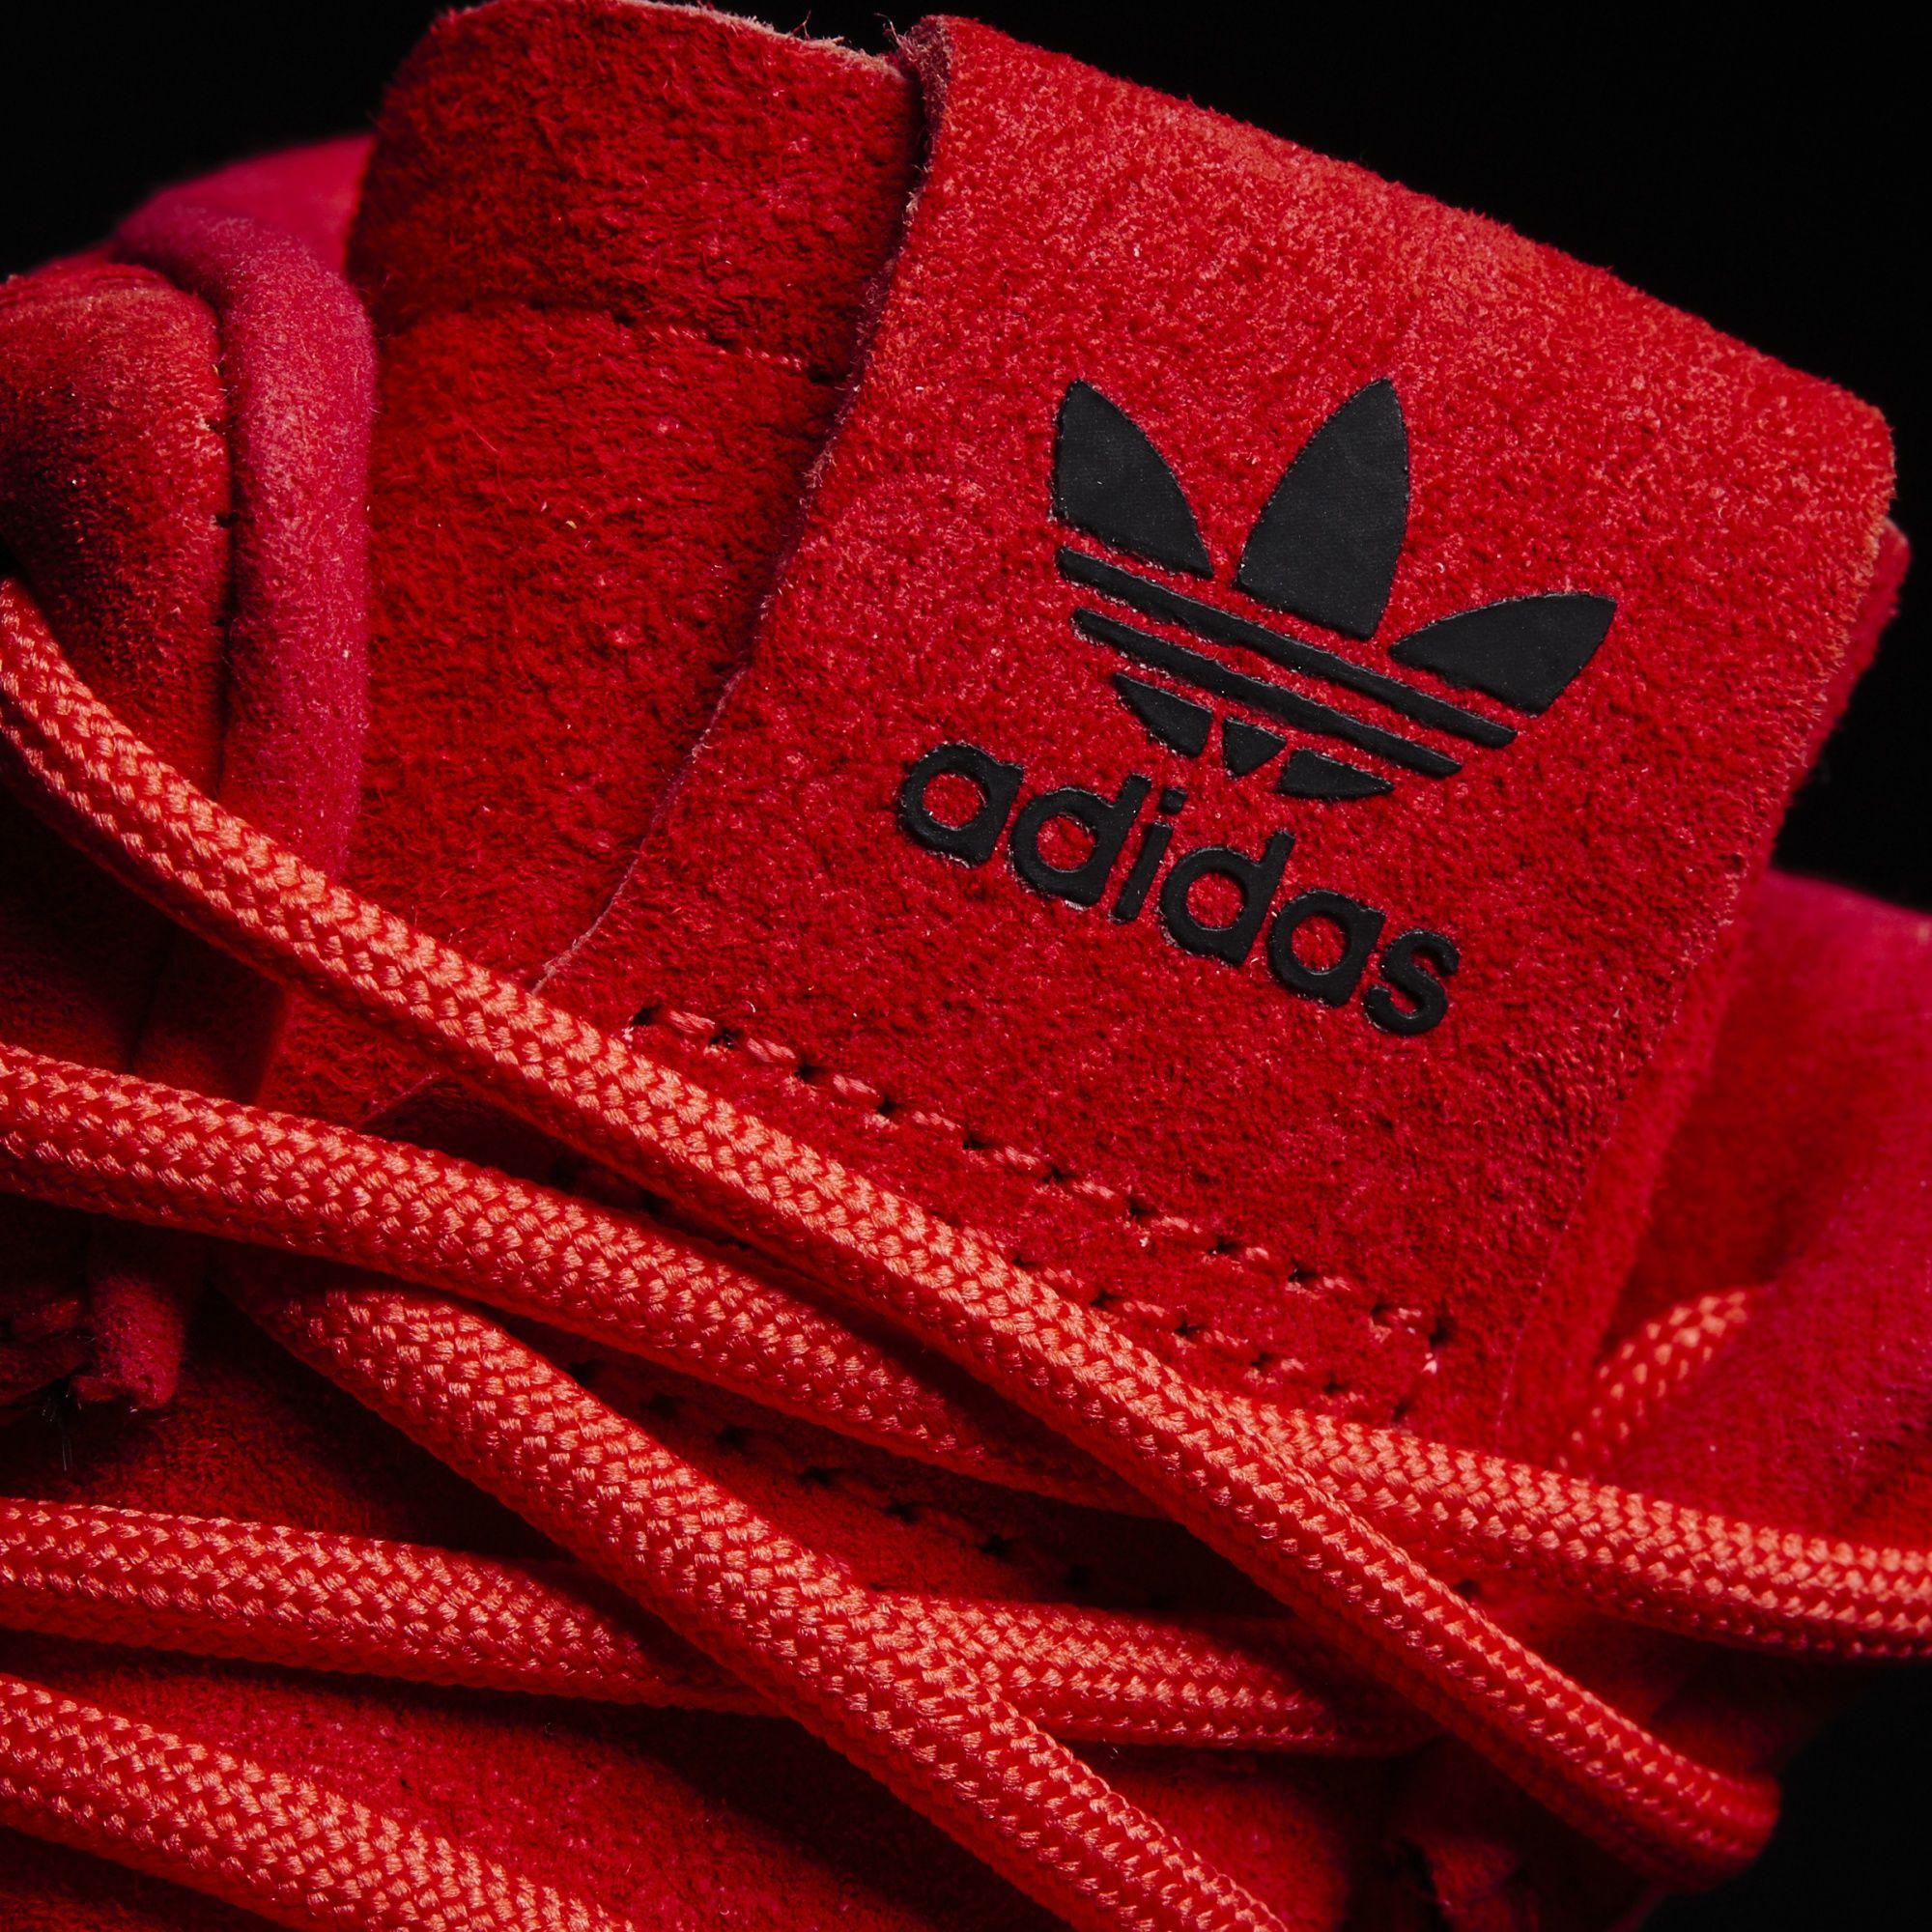 adidas Tubular Invader Red October Tongue